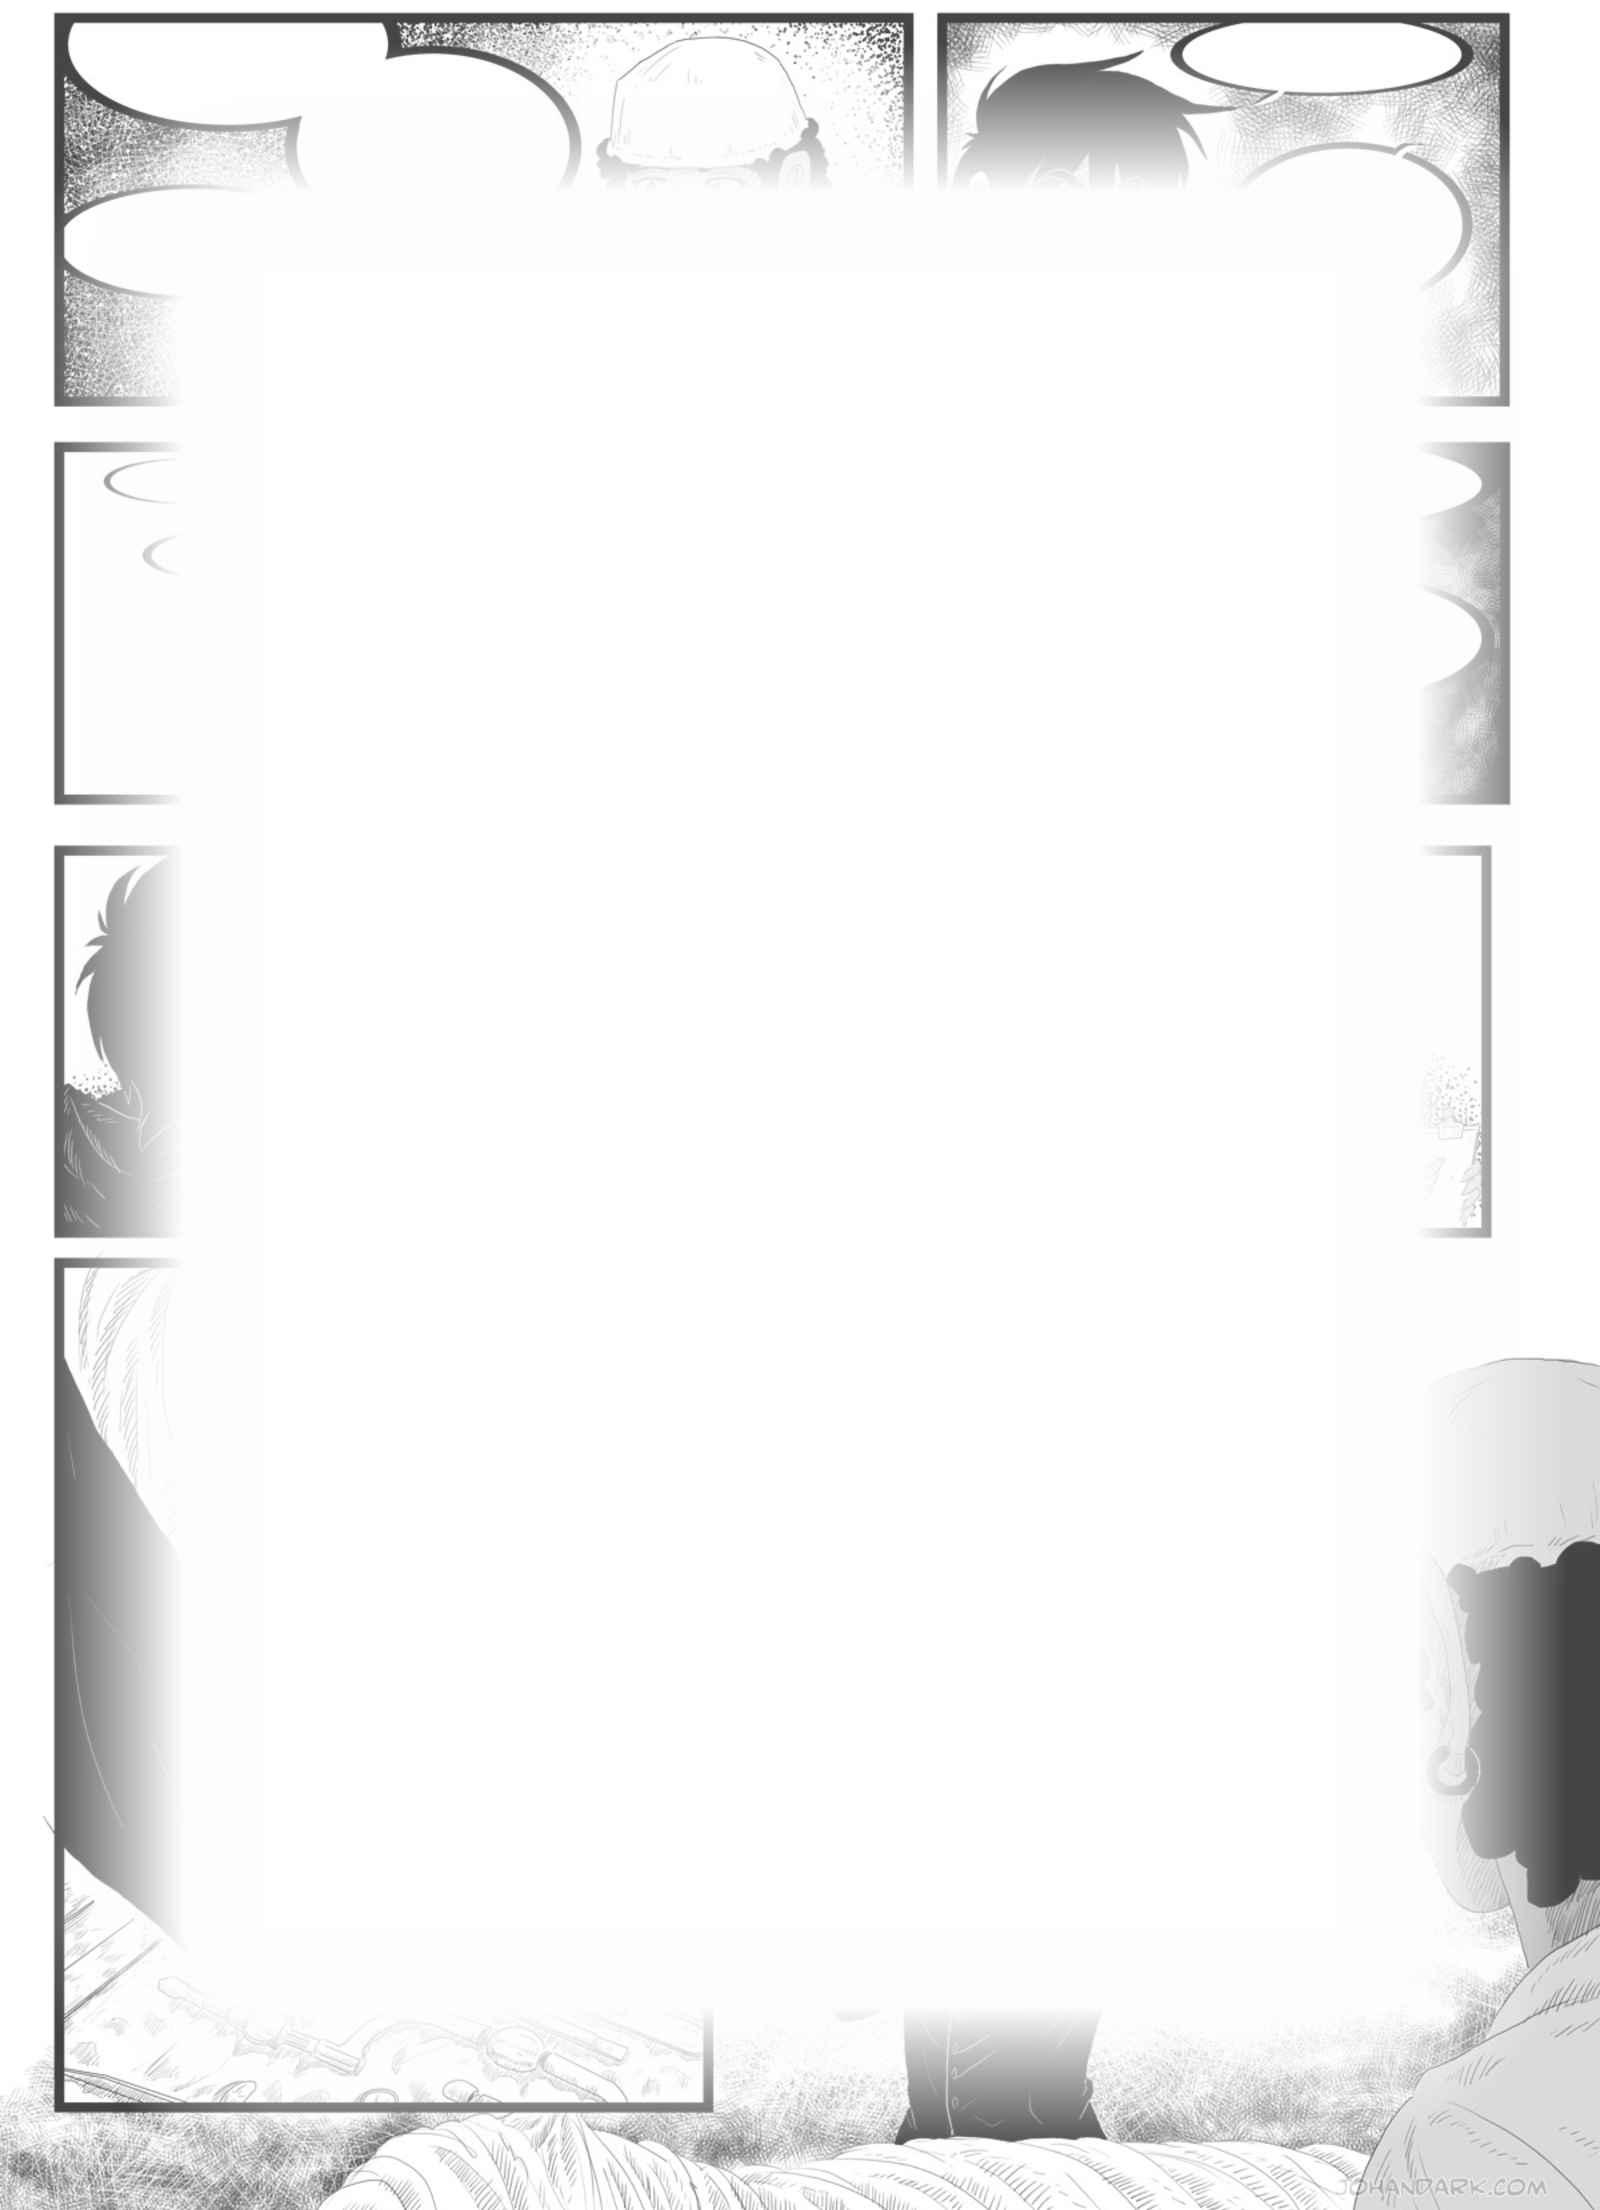 ARKHAM roots : Chapitre 2 page 8